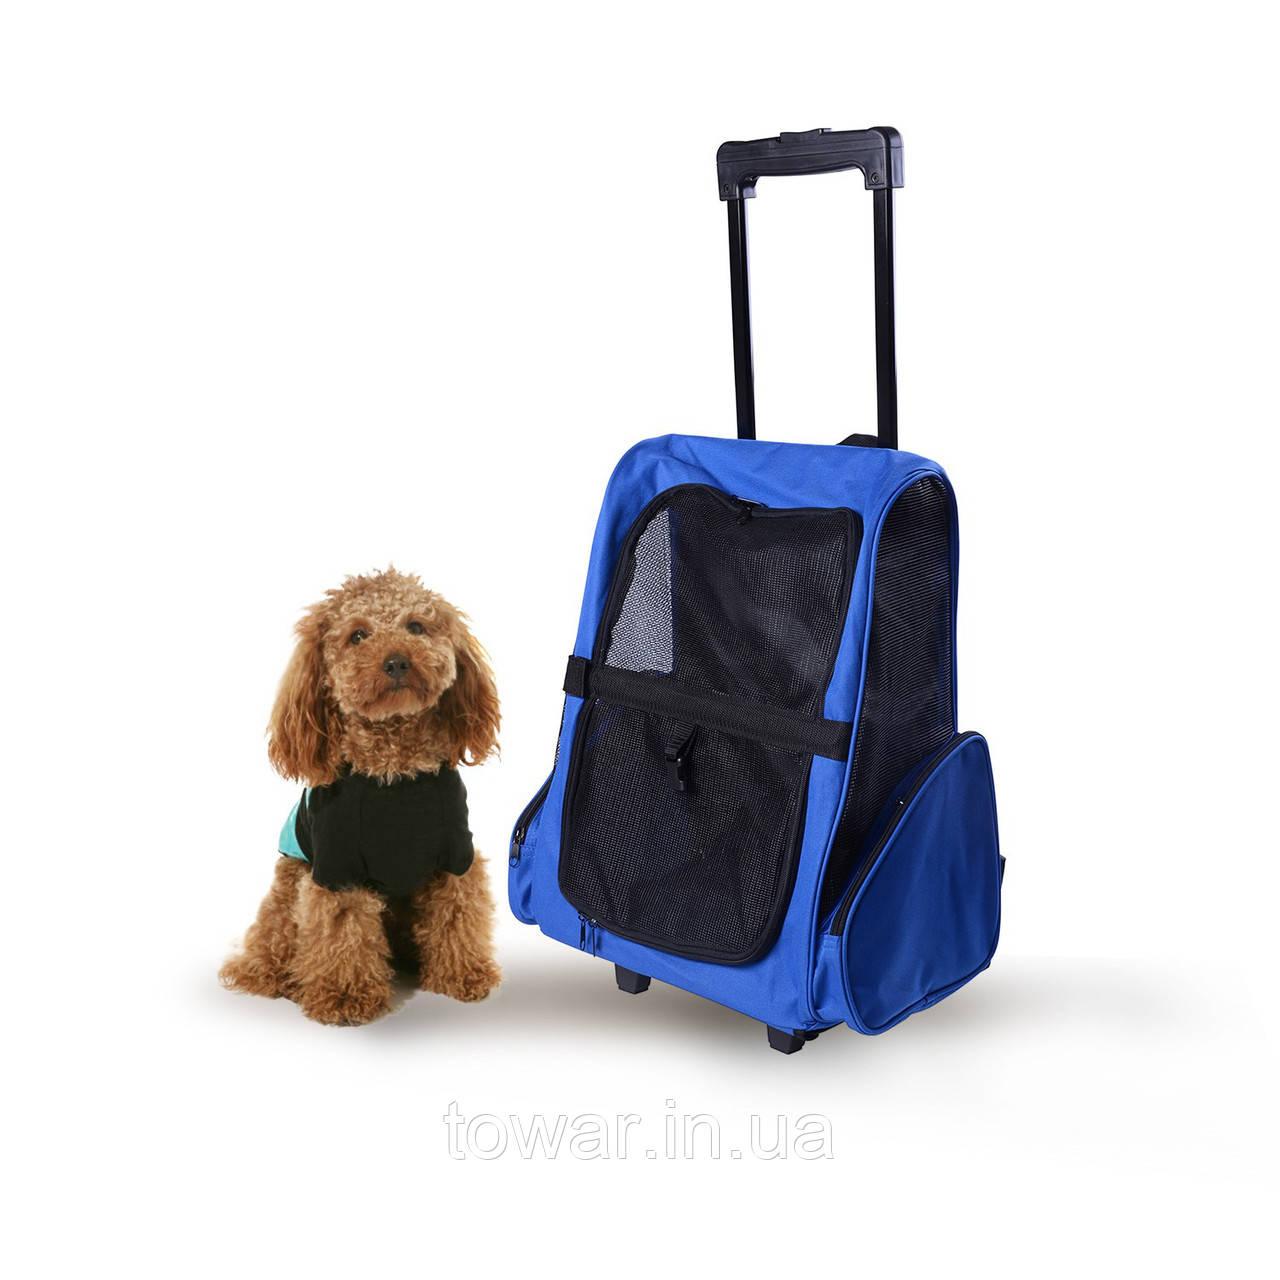 Сумка - транспортер для перевозки собаки или кошки 2in1 голуба PawHut